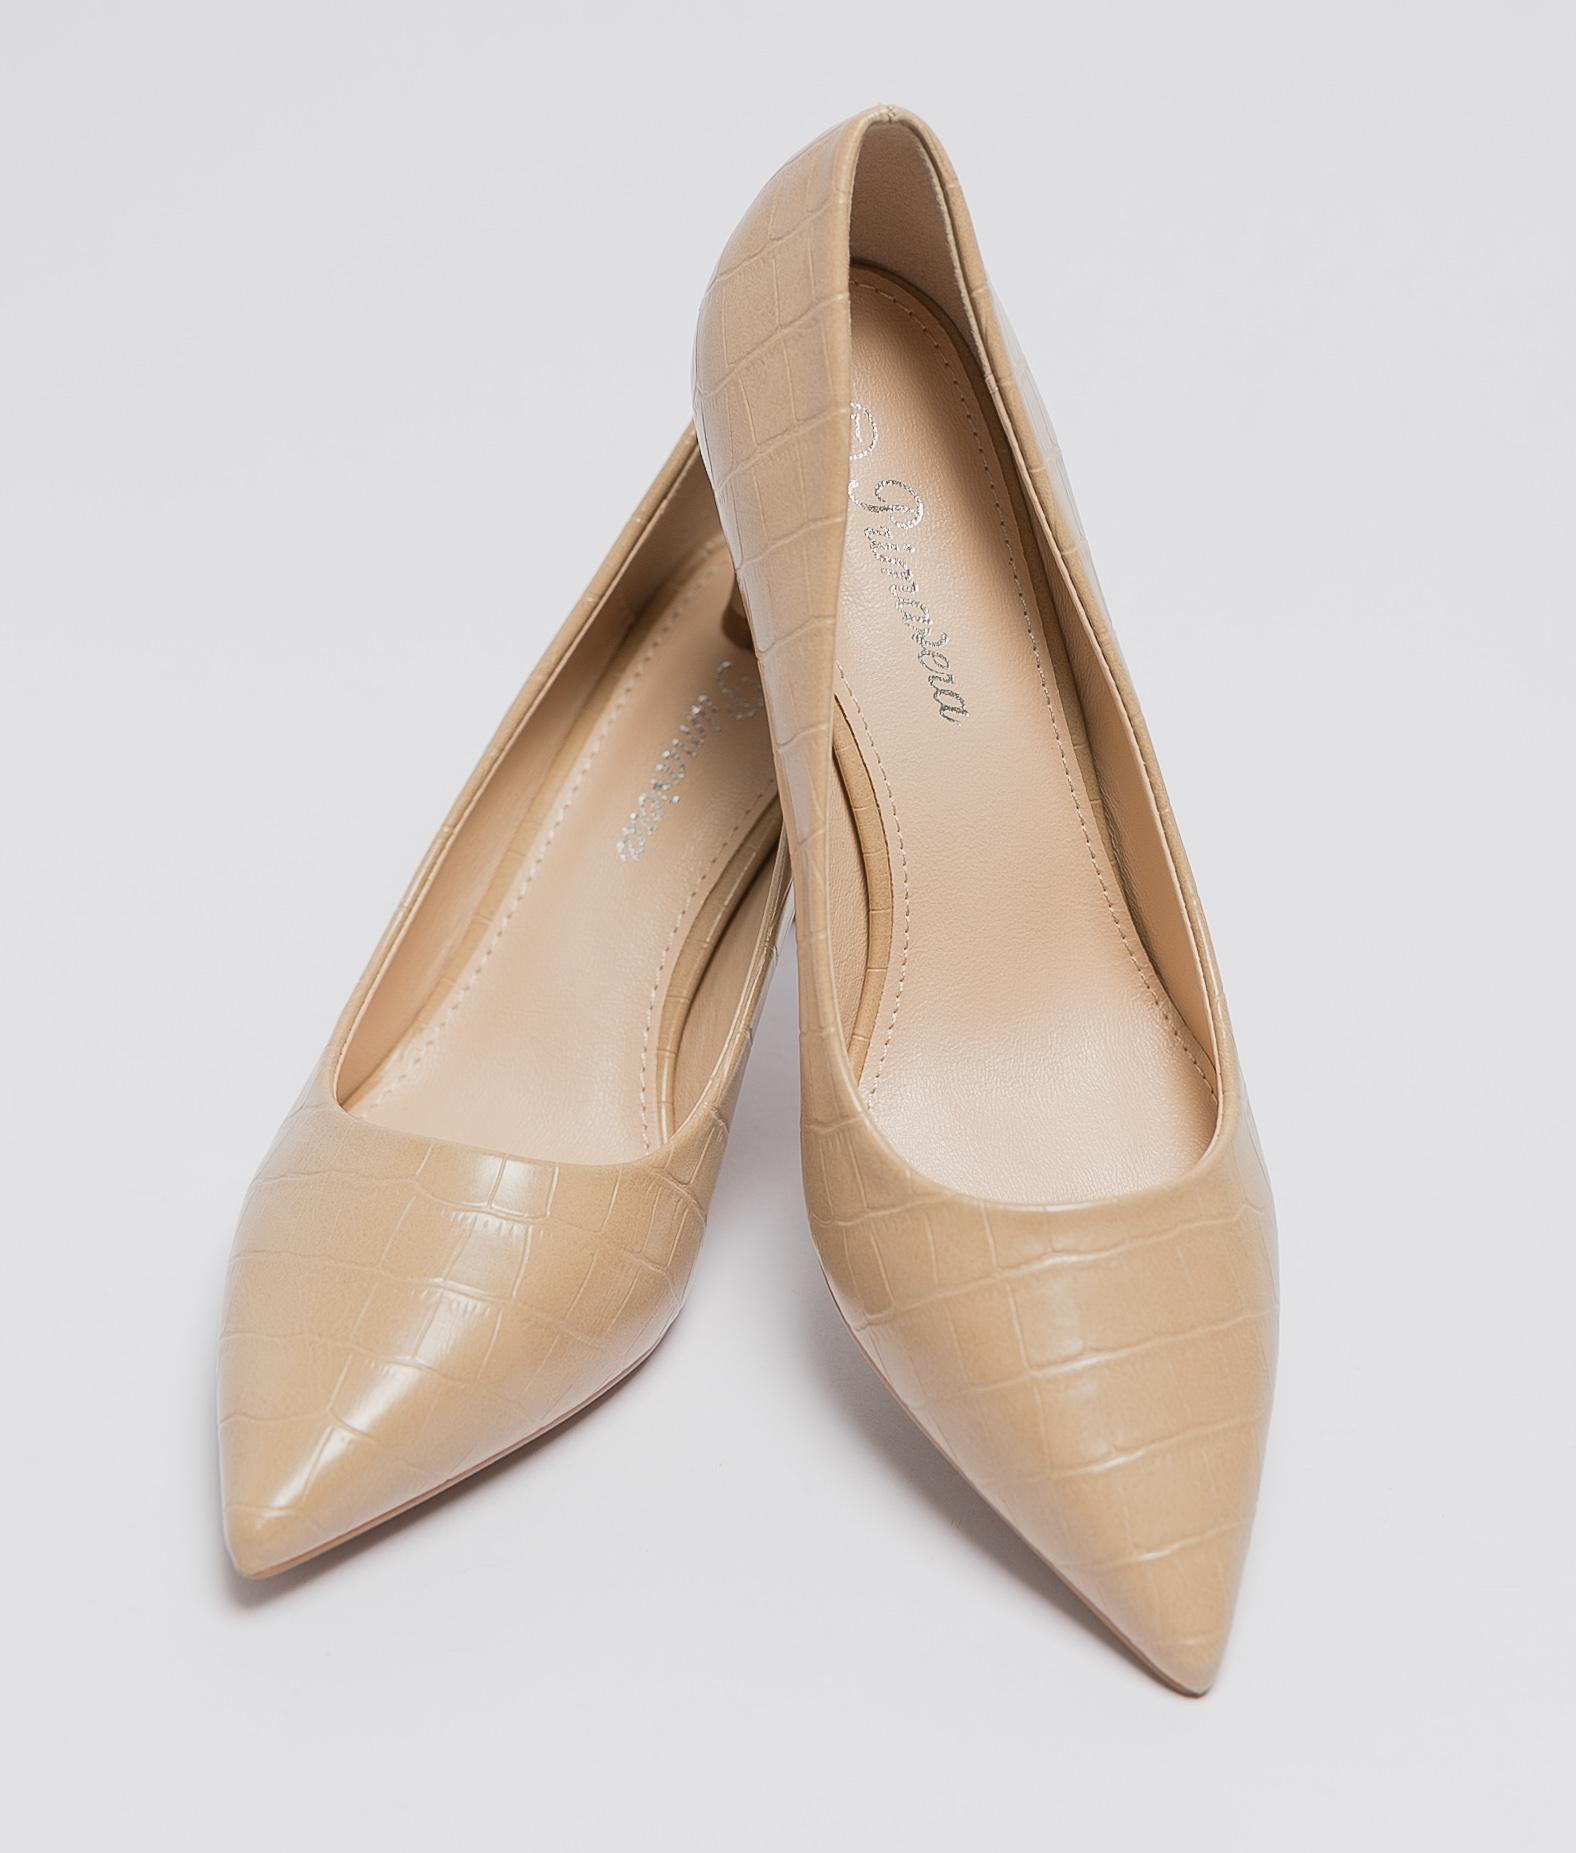 Zapato Gisele - Bege